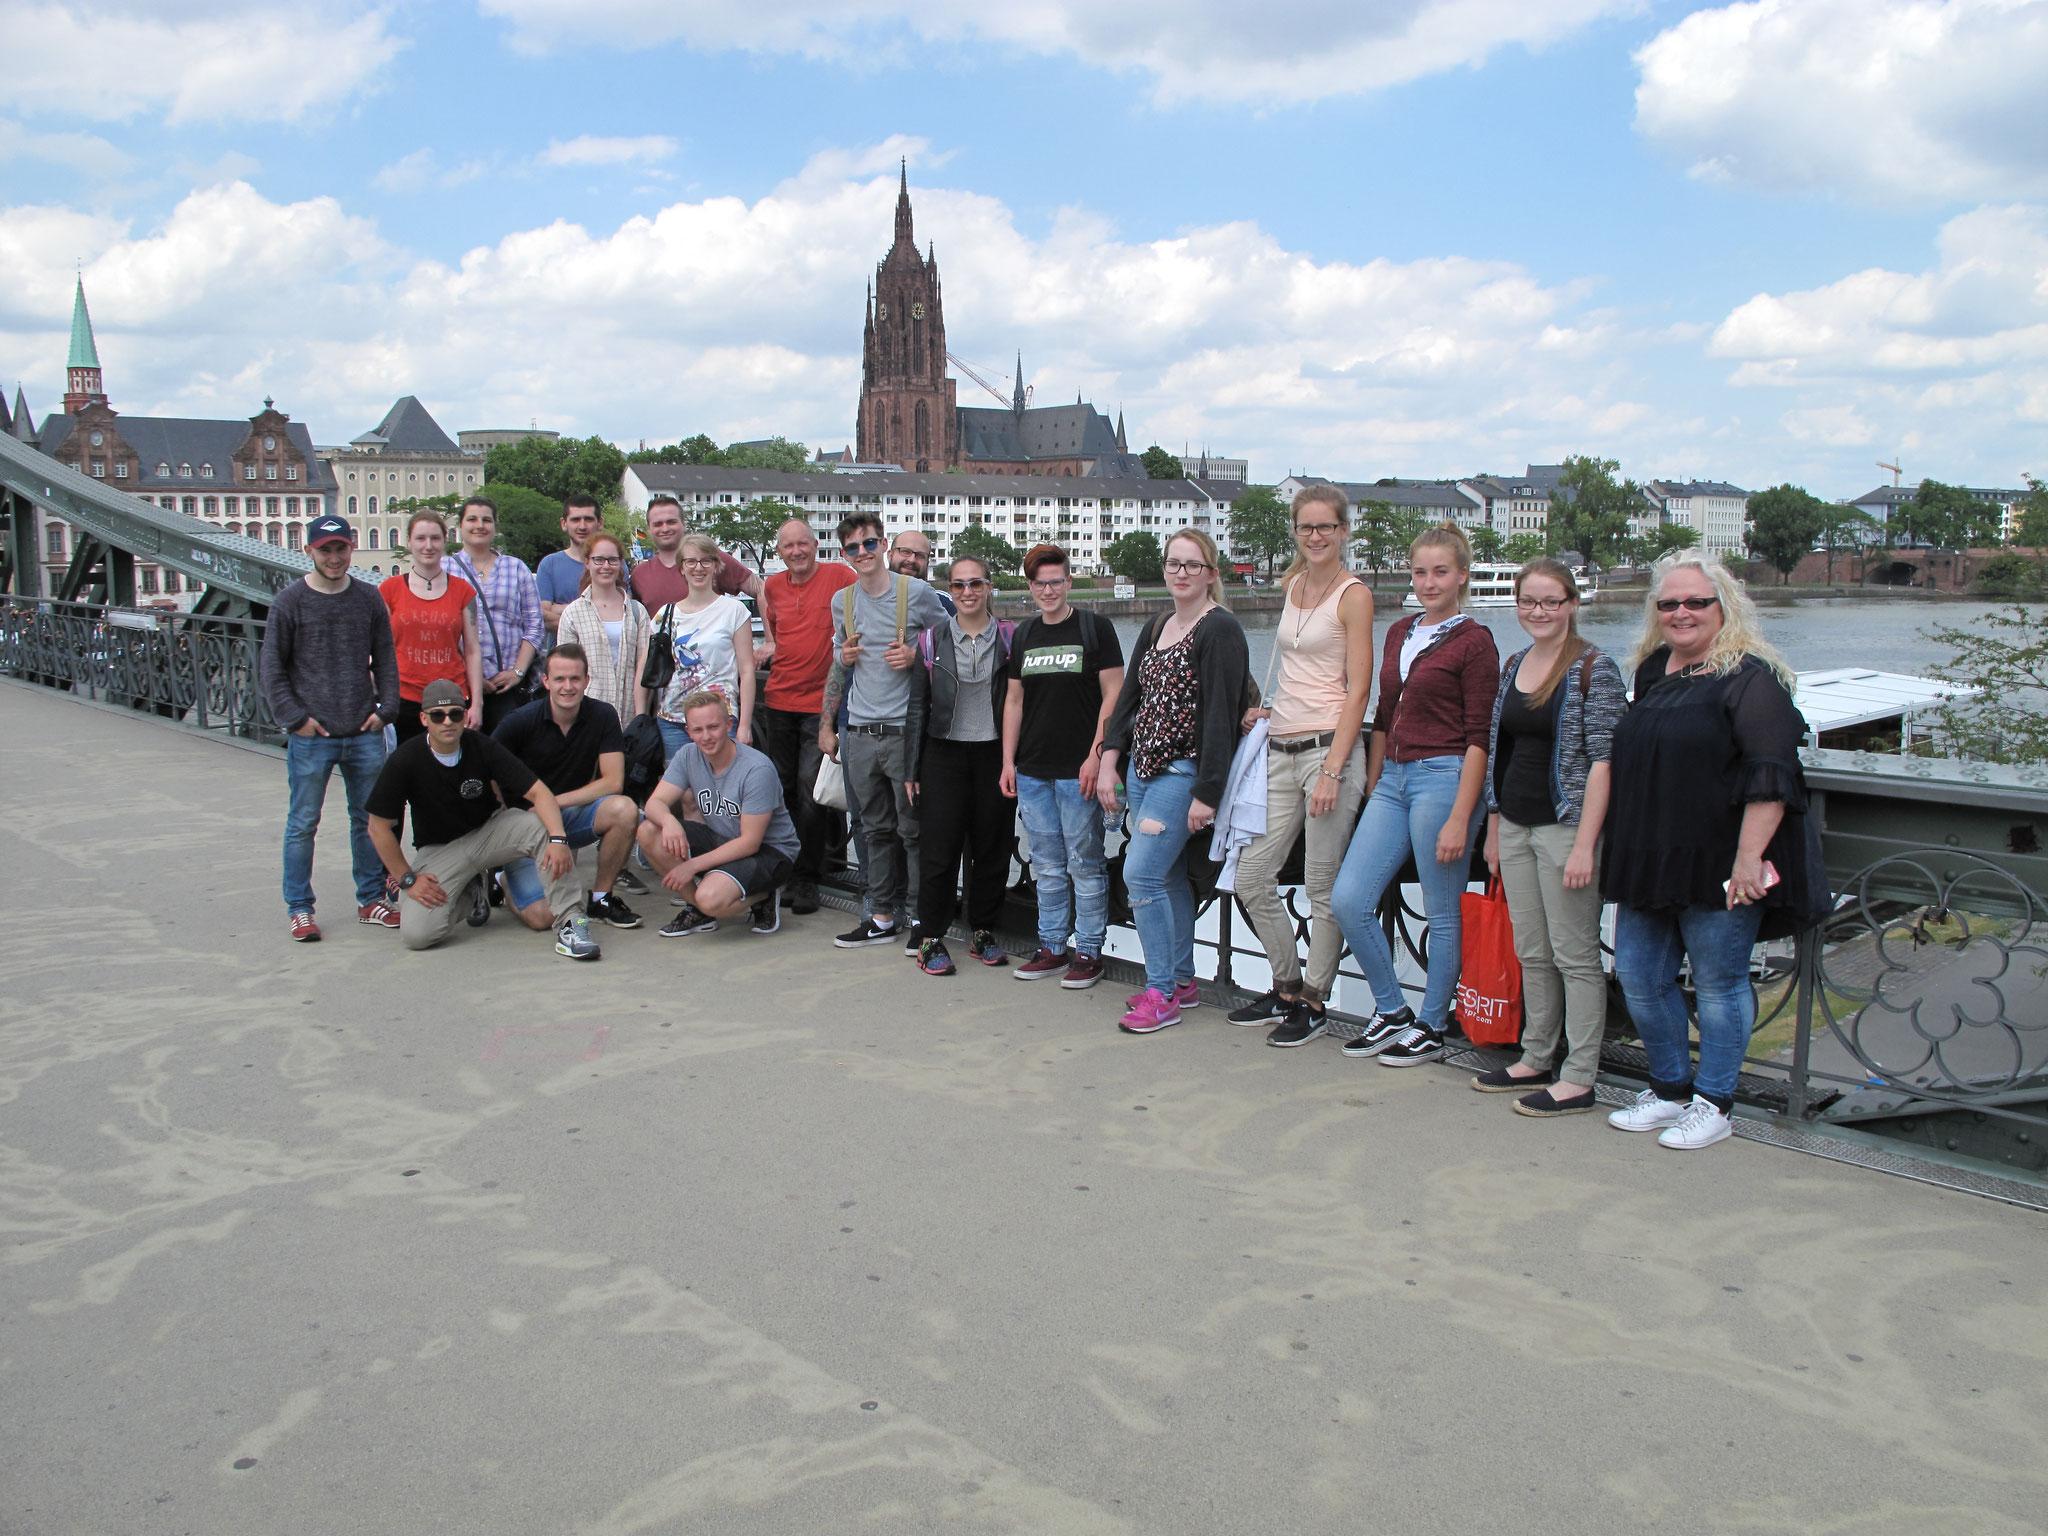 Die Teilnehmer des hessischen Jugendcamps aus allen Regionen Hessens